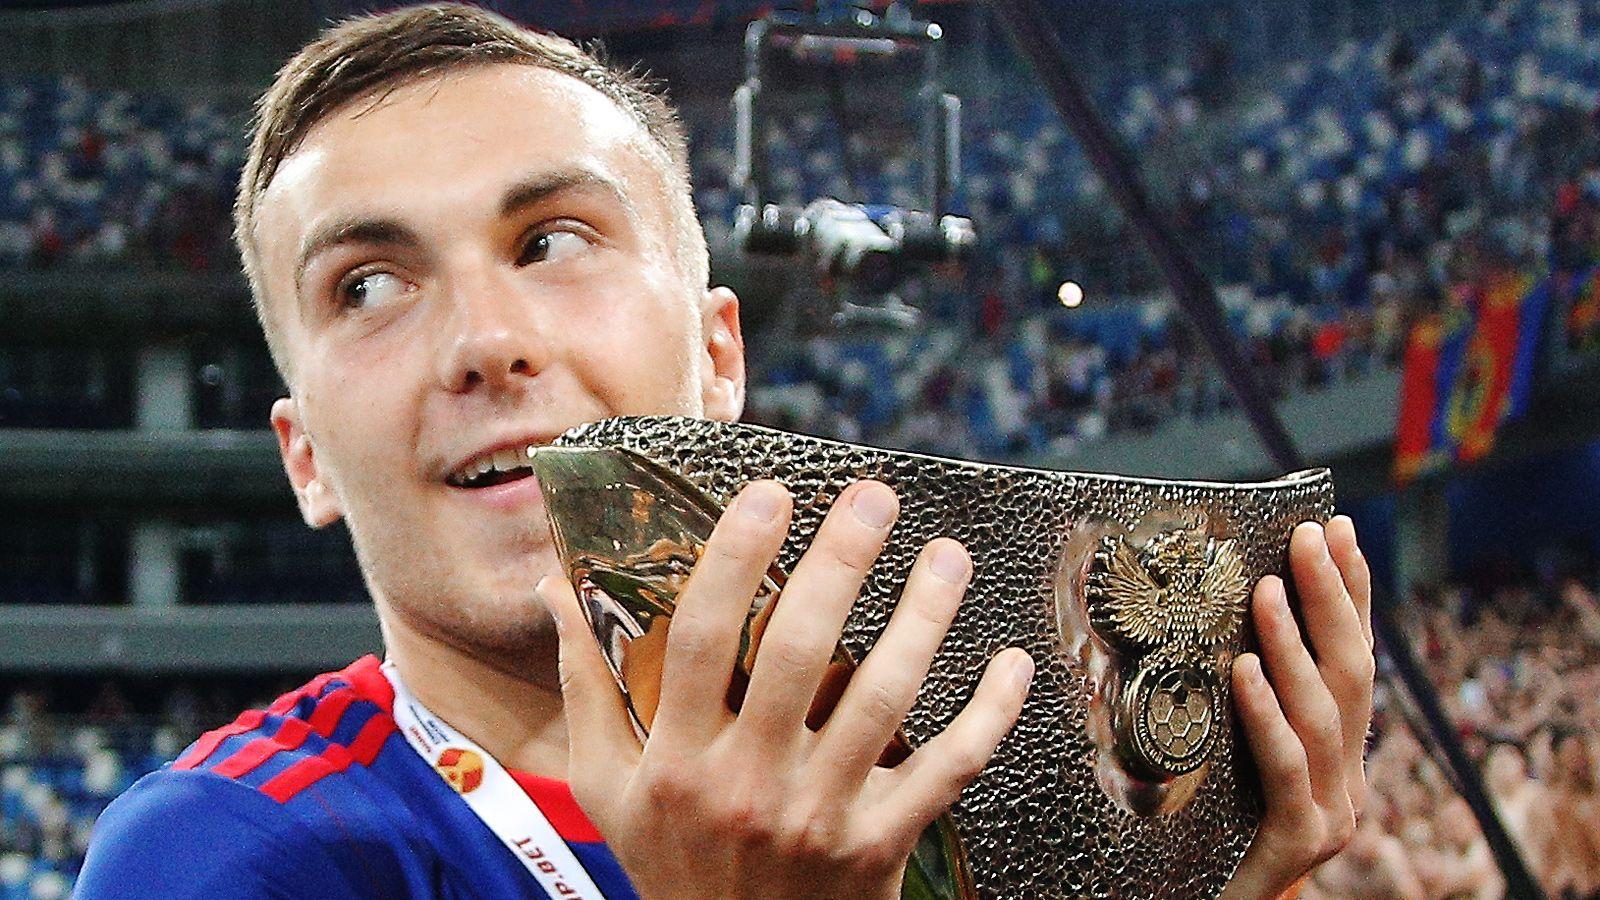 Бывший полузащитник ЦСКА Хетаг Хосонов стал новым игроком «Алании»